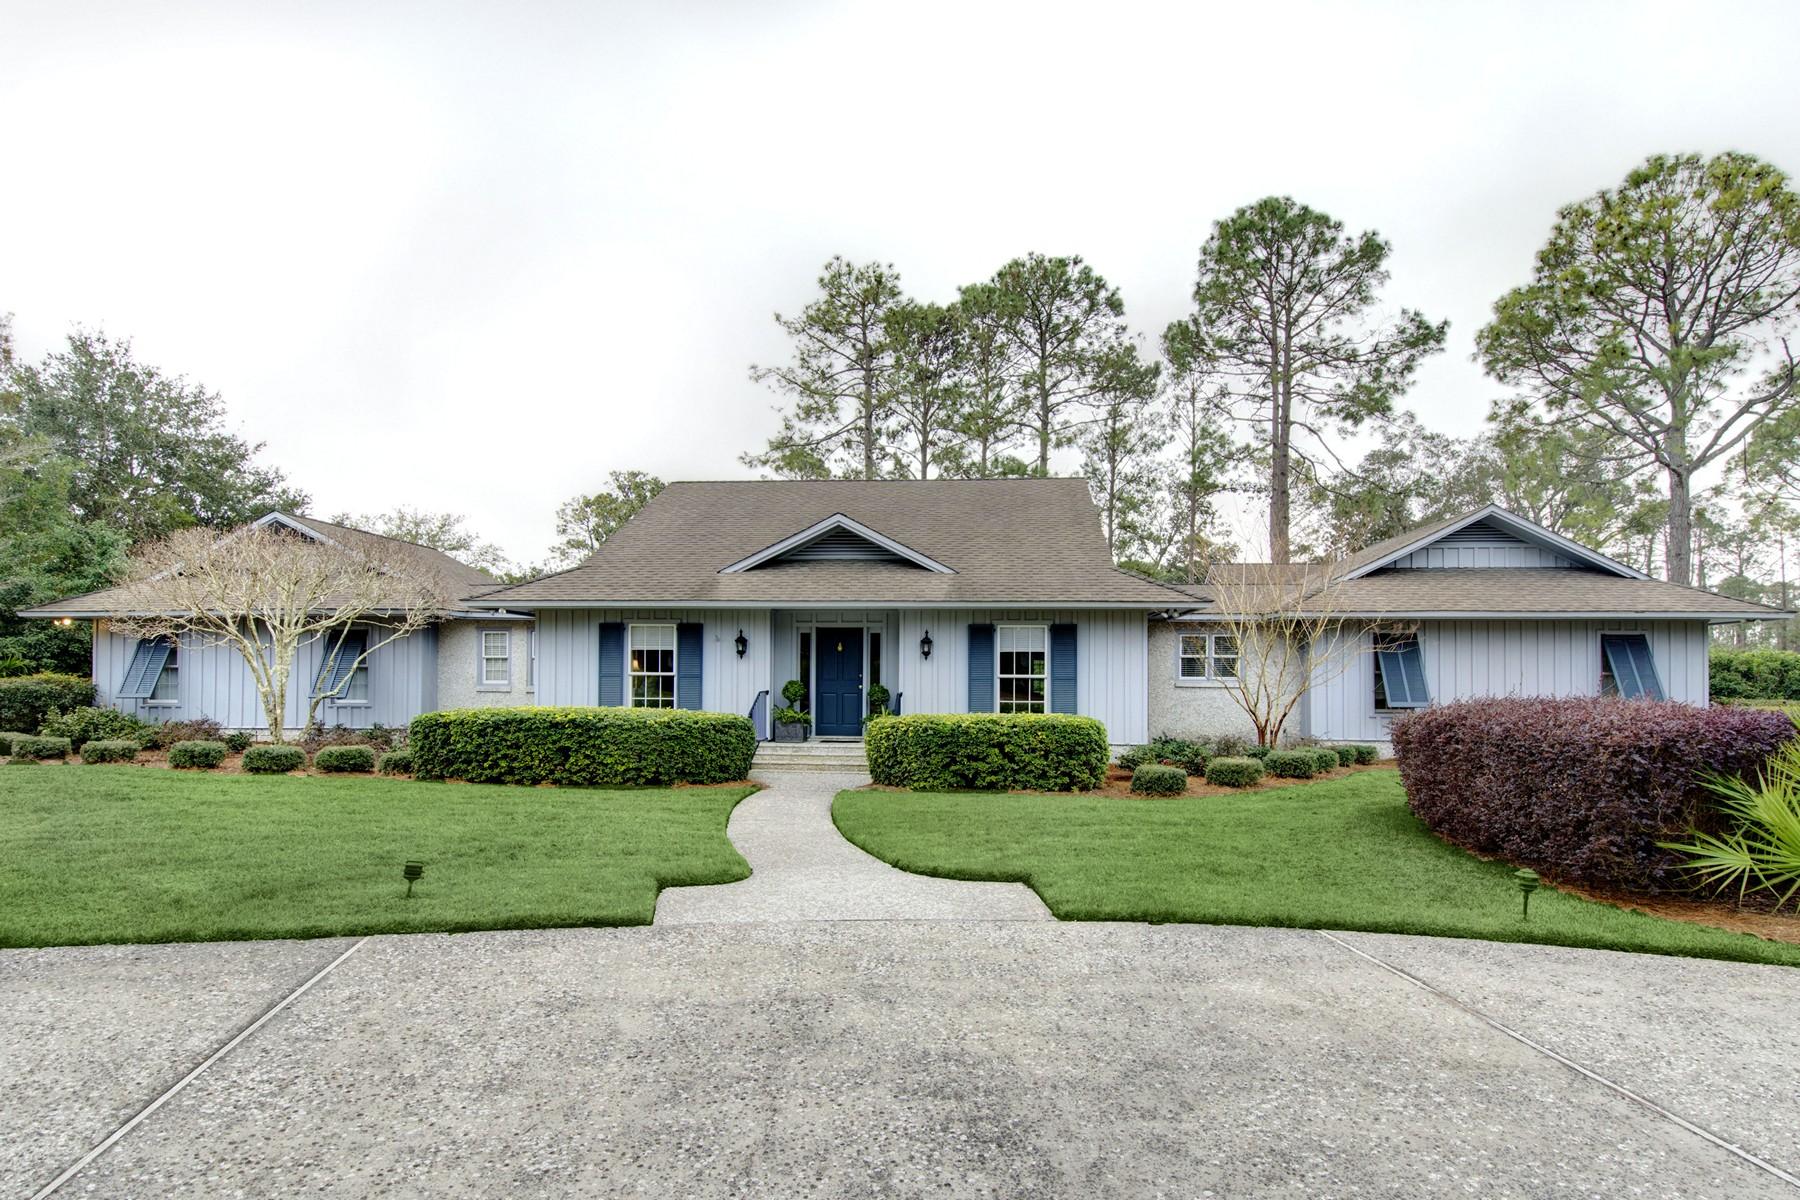 独户住宅 为 销售 在 158 St. Andrews 圣西蒙岛, 乔治亚州, 31522 美国